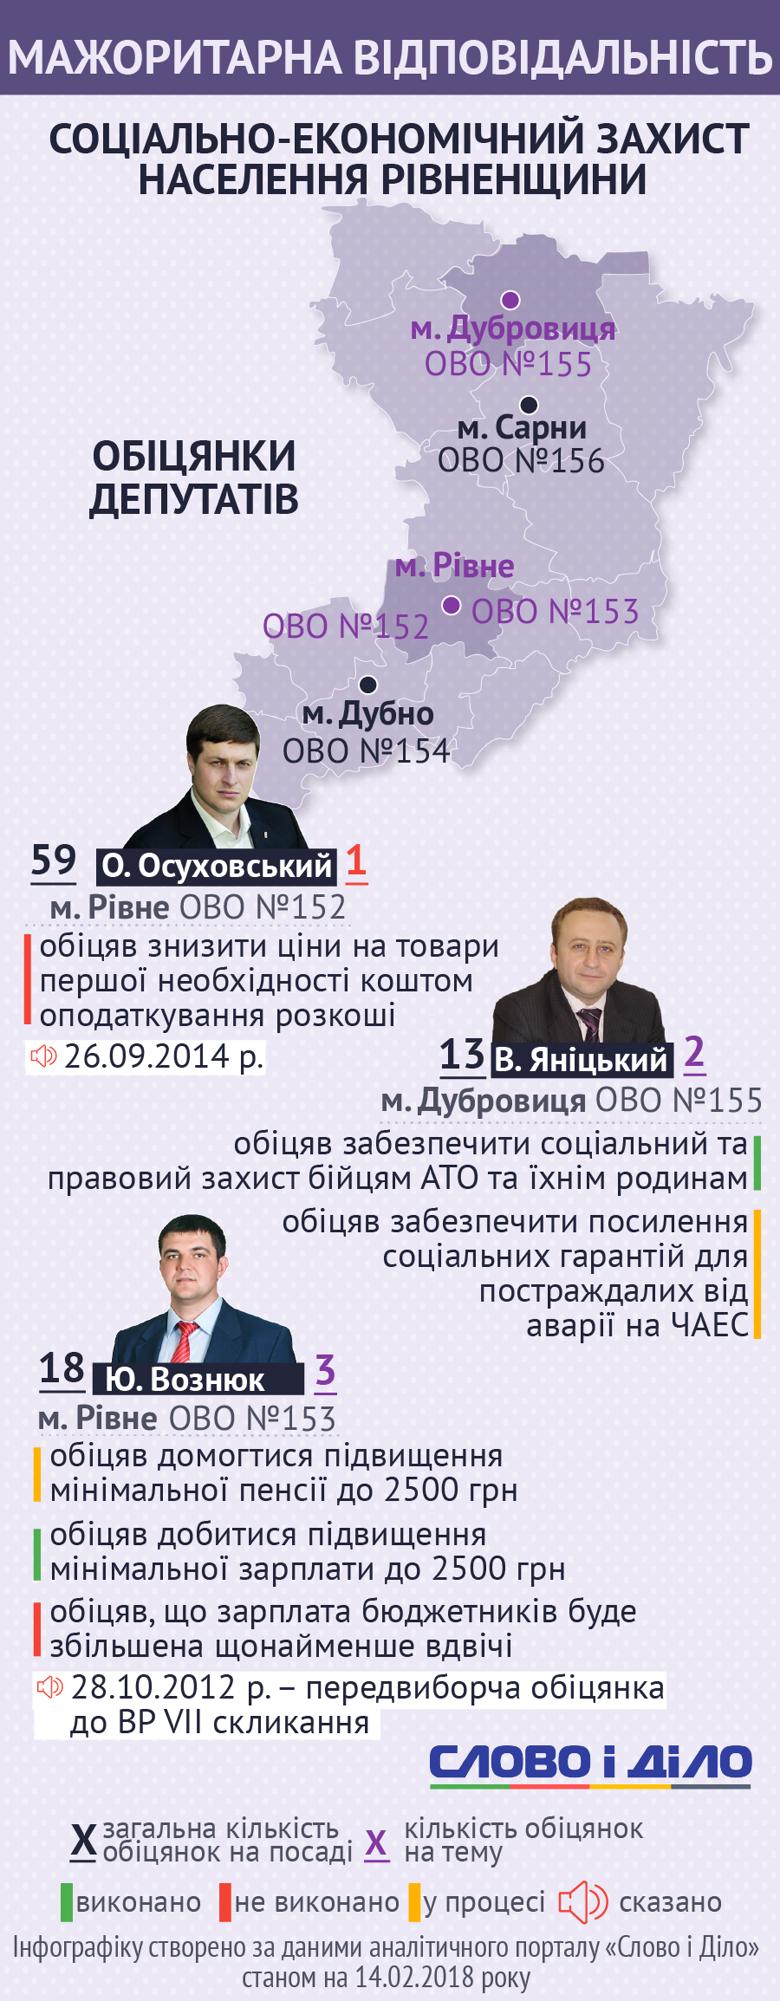 Депутати-мажоритарники Рівненської області